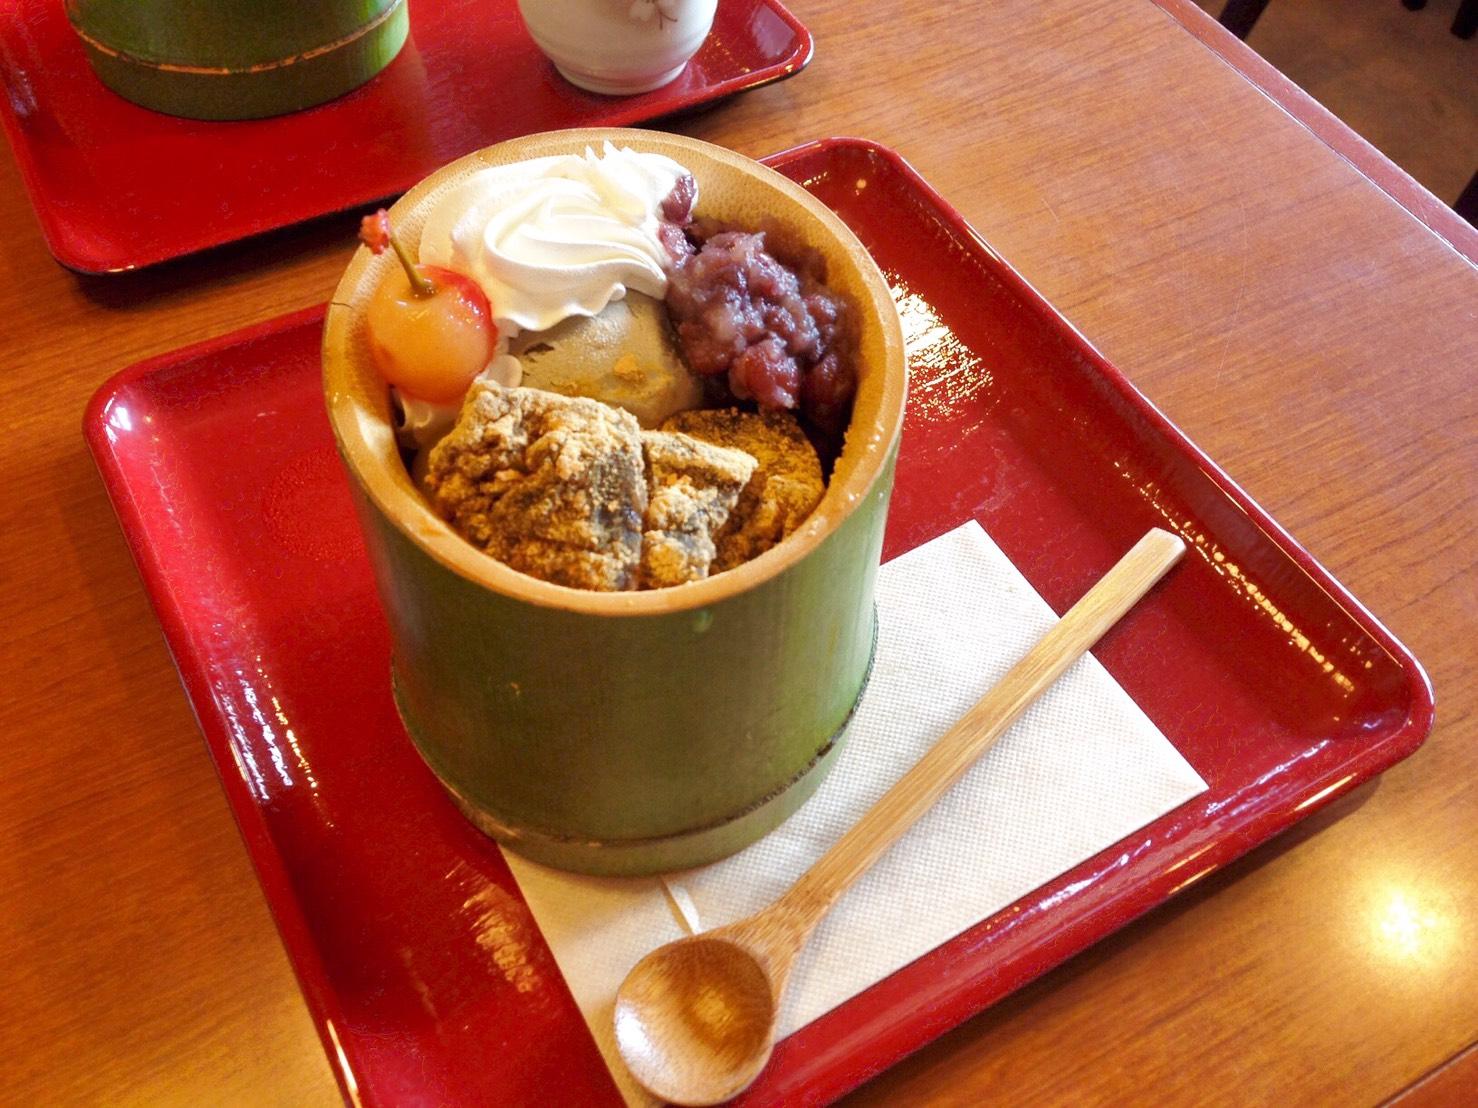 京都嵐山 稲 (豆腐料理・湯葉料理)